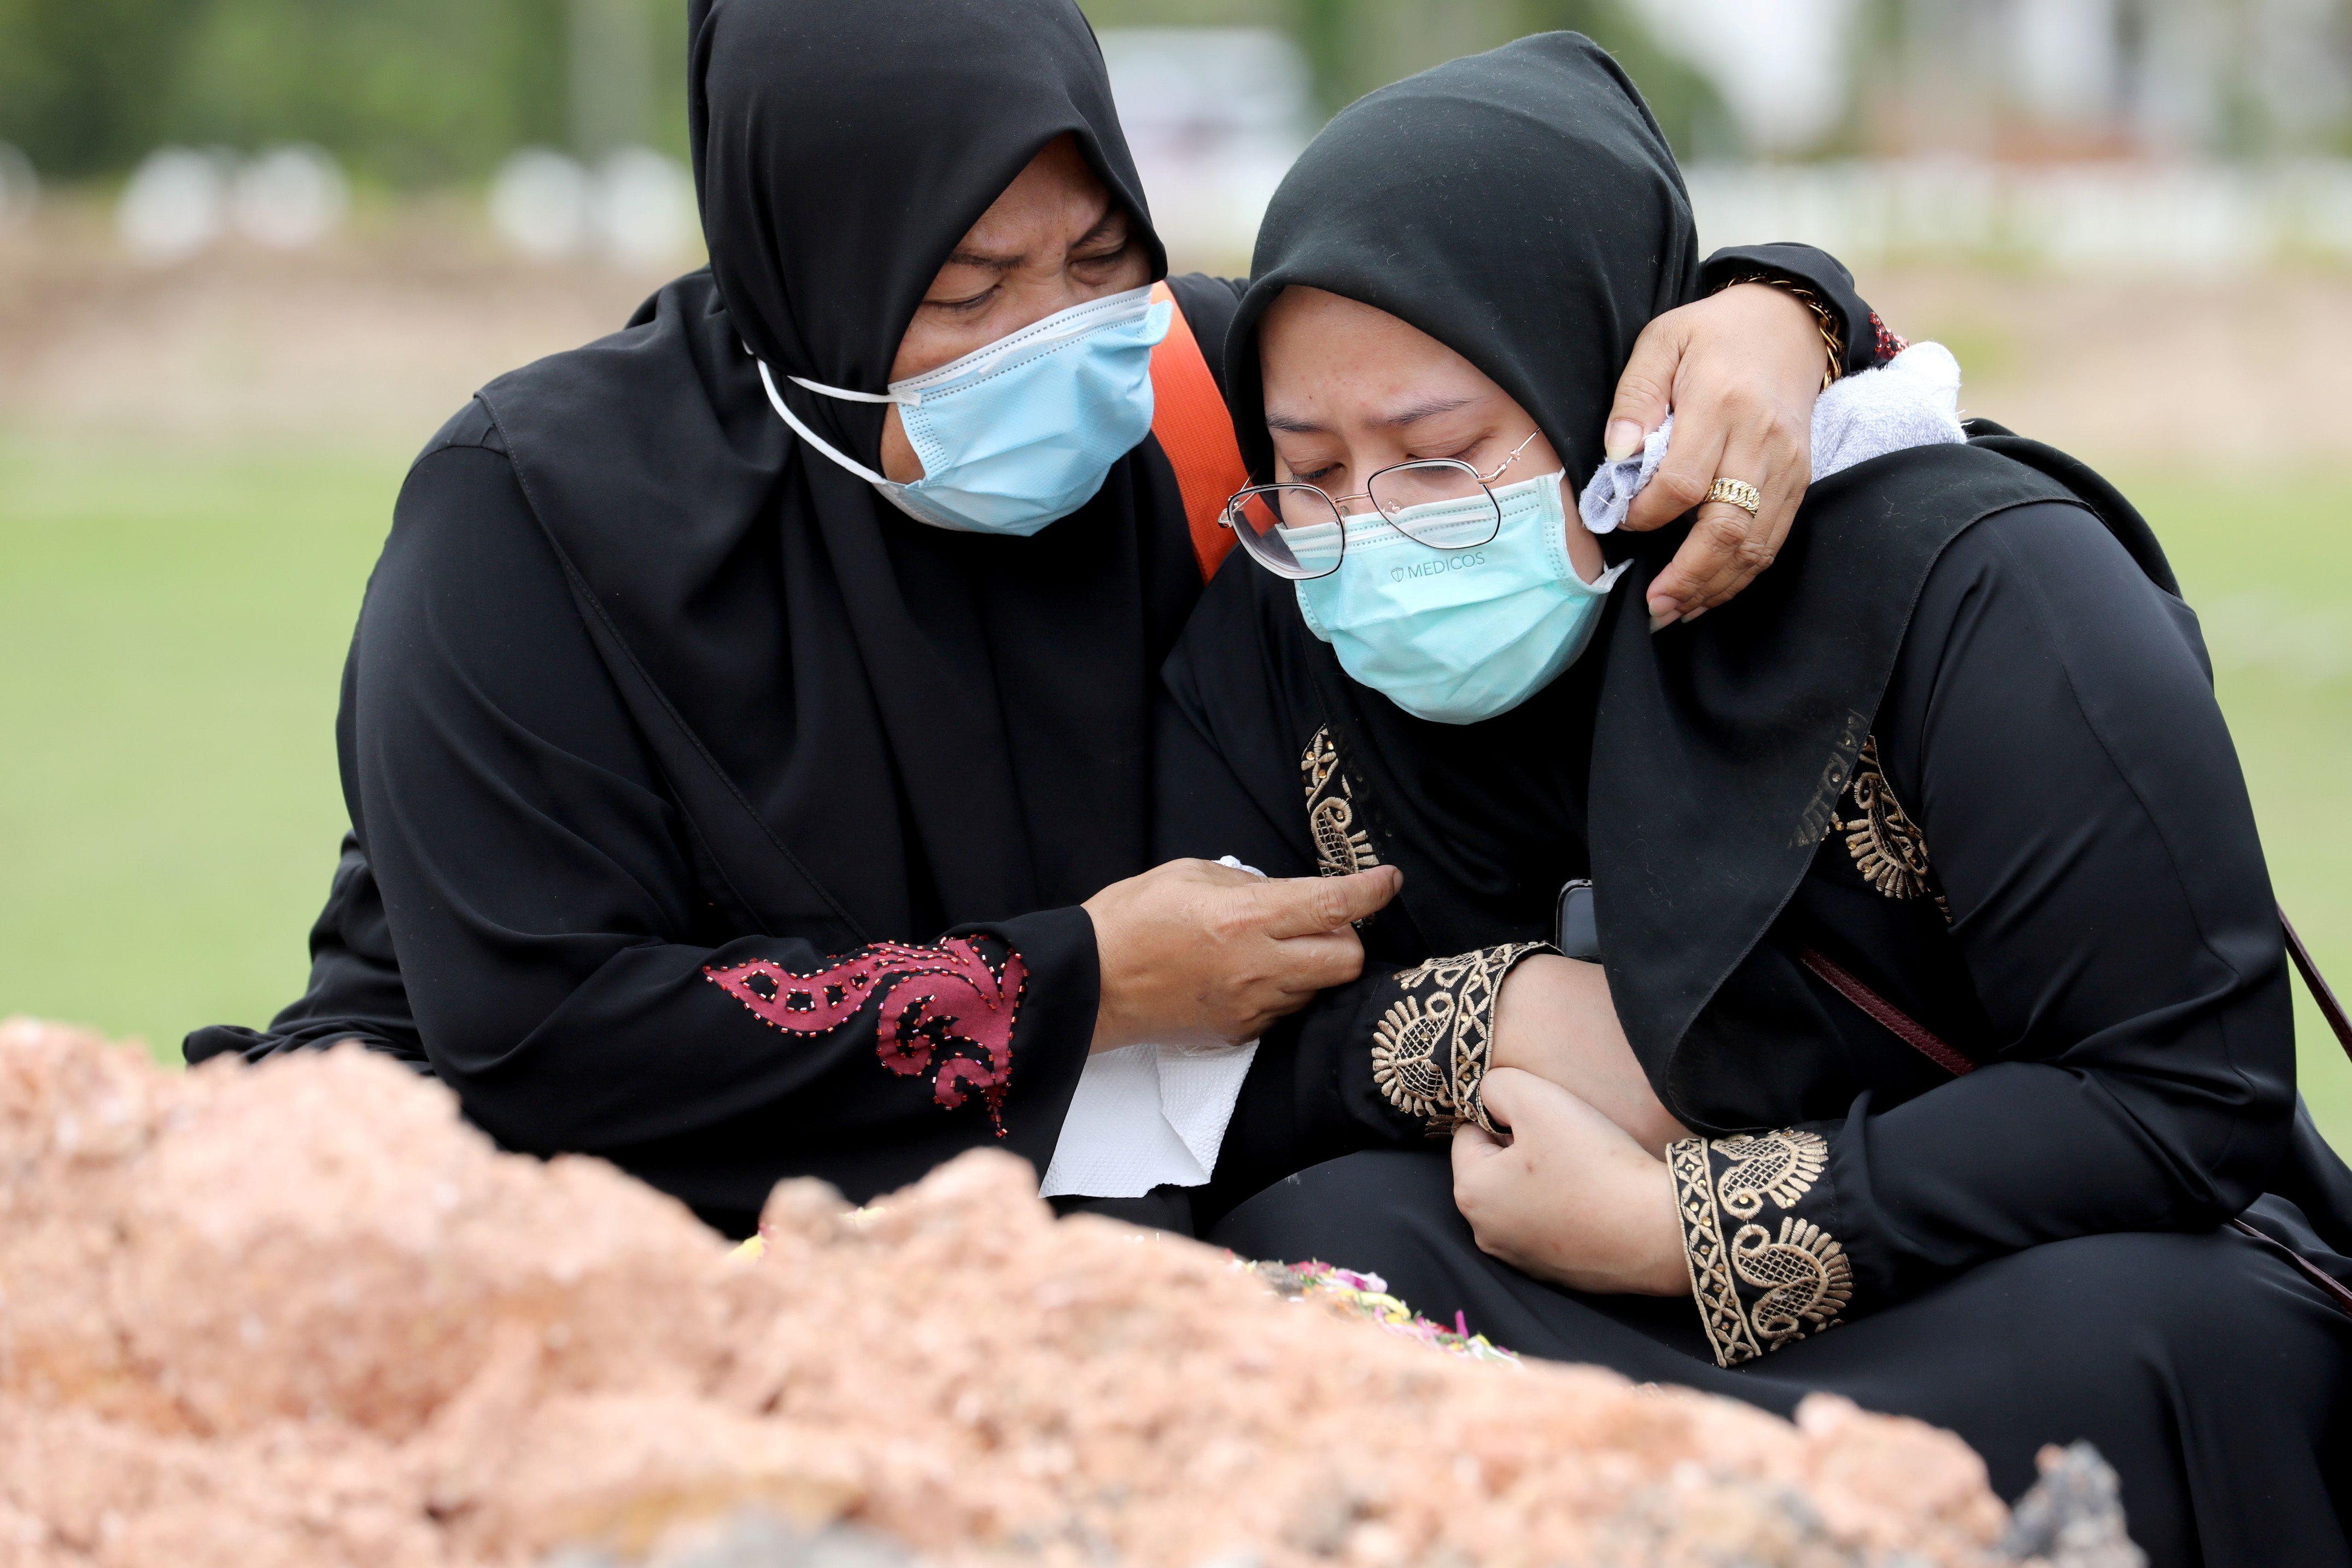 Dos mujeres lloran la muerte de un familiar en un cementerio de Batu Caves, Malasia. (REUTERS/Lim Huey Teng)